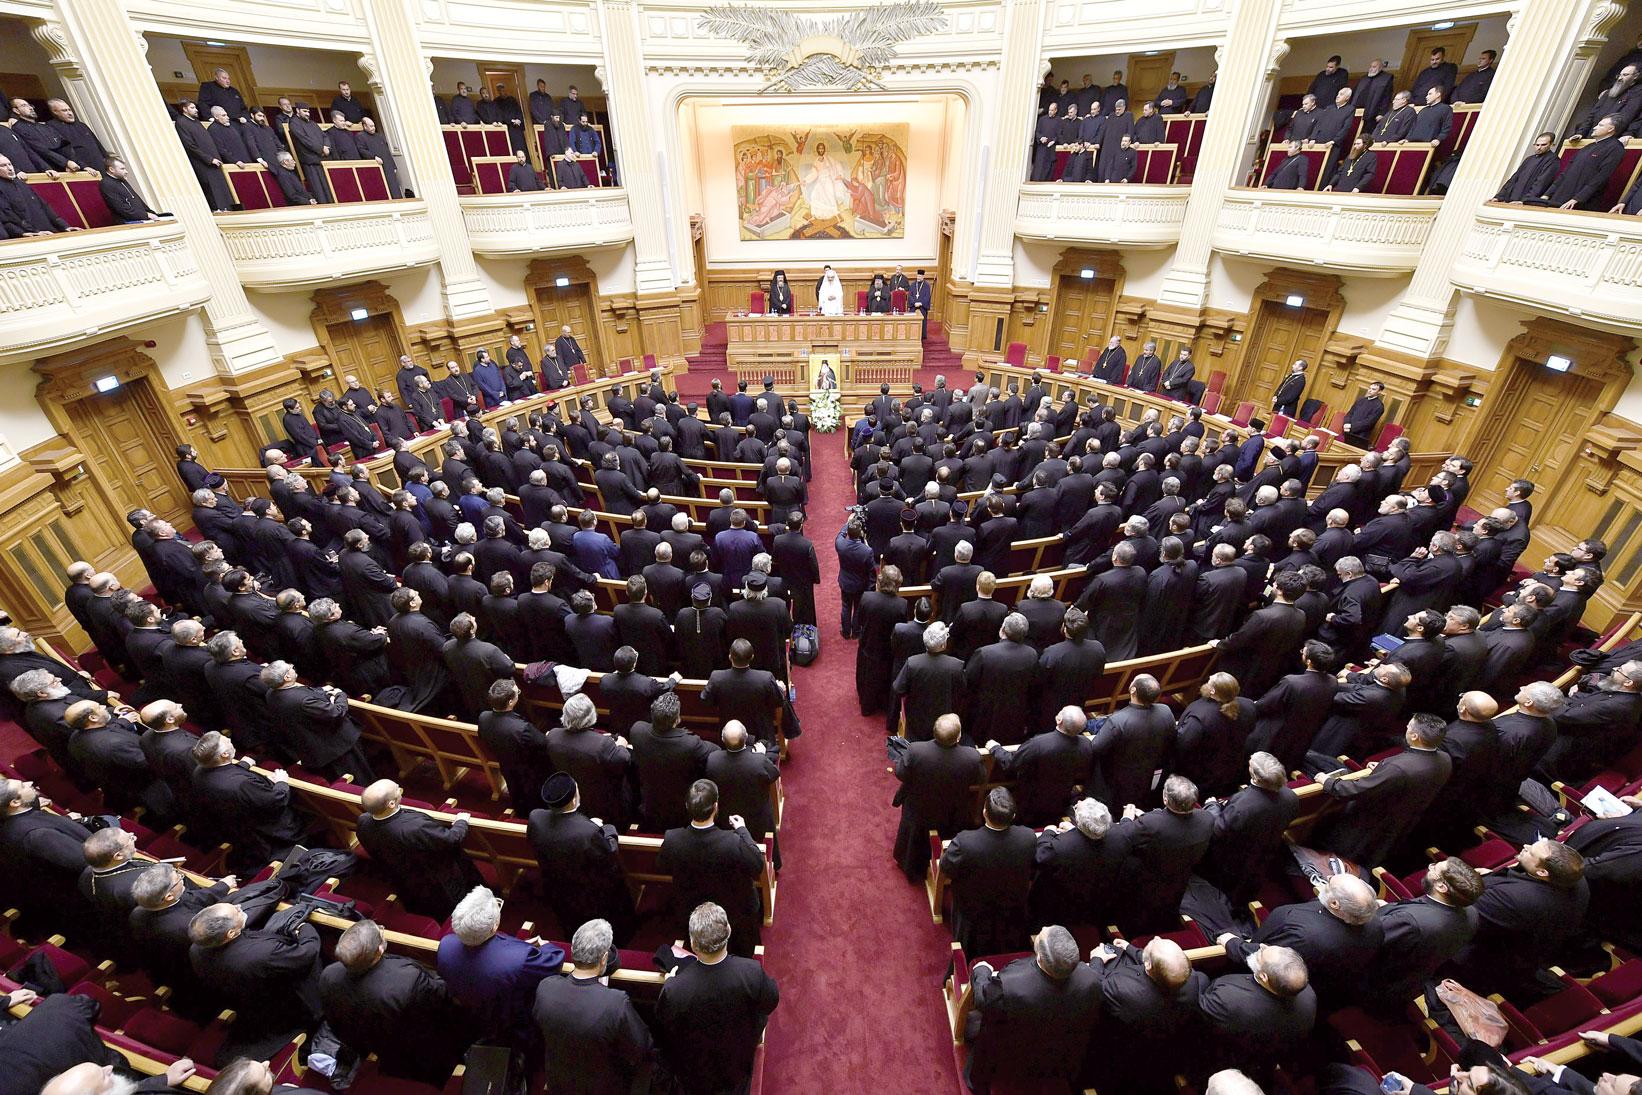 Adunare solemnă la Palatul Patriarhiei dedicată Legii fundamentale